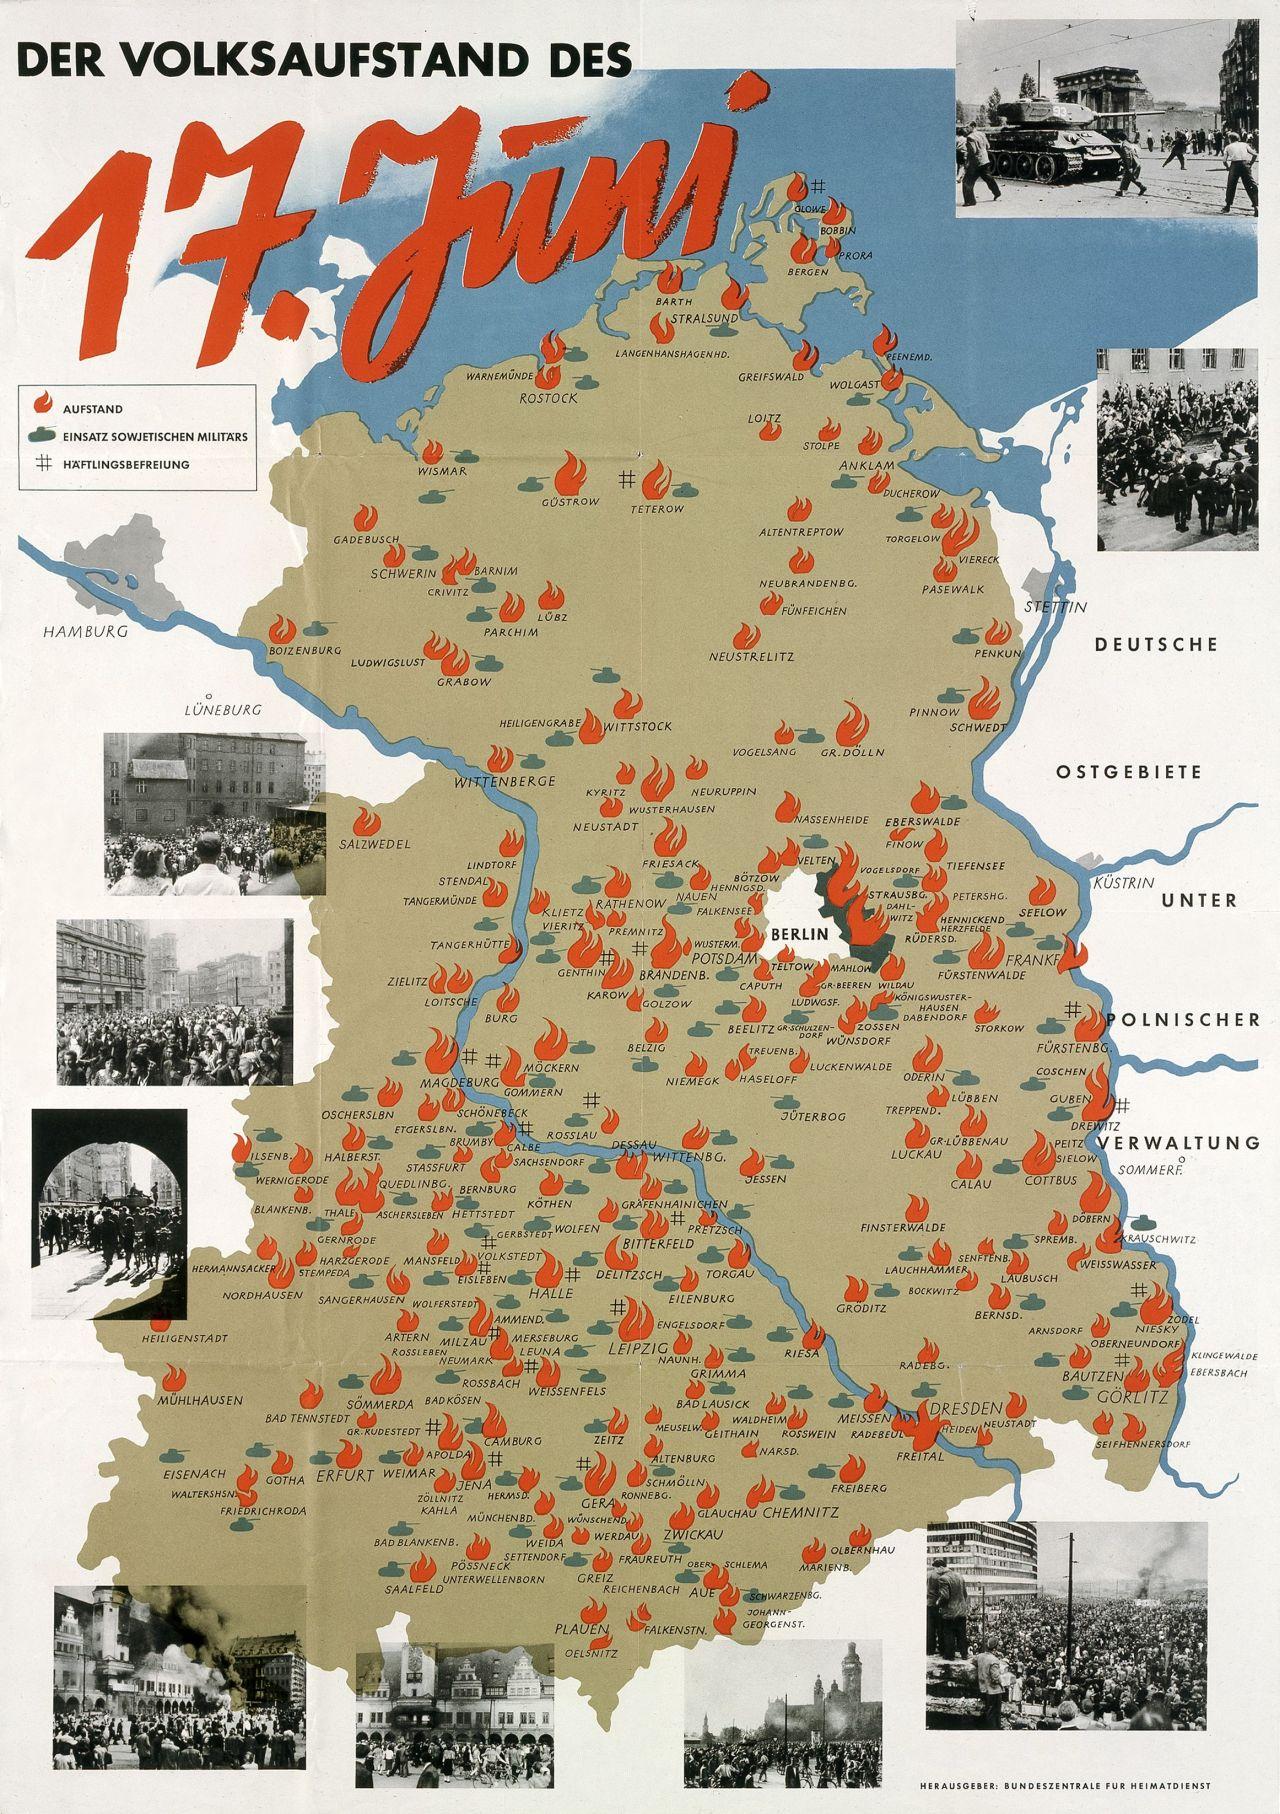 volksaufstand 1953